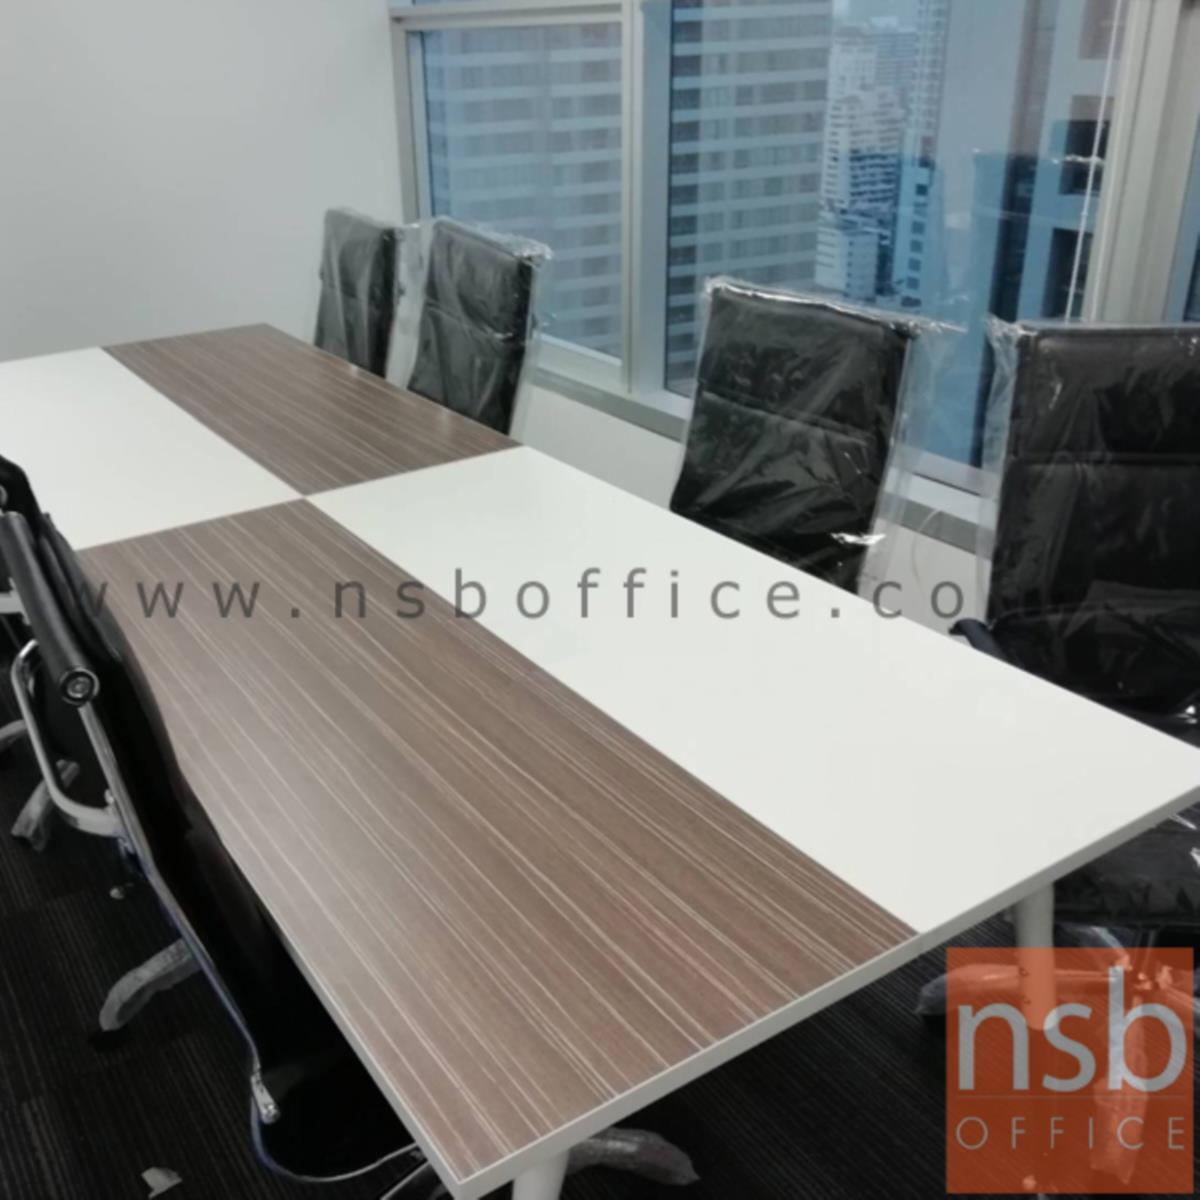 โต๊ะประชุมทรงสี่เหลี่ยมสลับสีลายตาราง  ขนาด 300W ,360W ,420W ,480W cm. ขาปลายเรียว